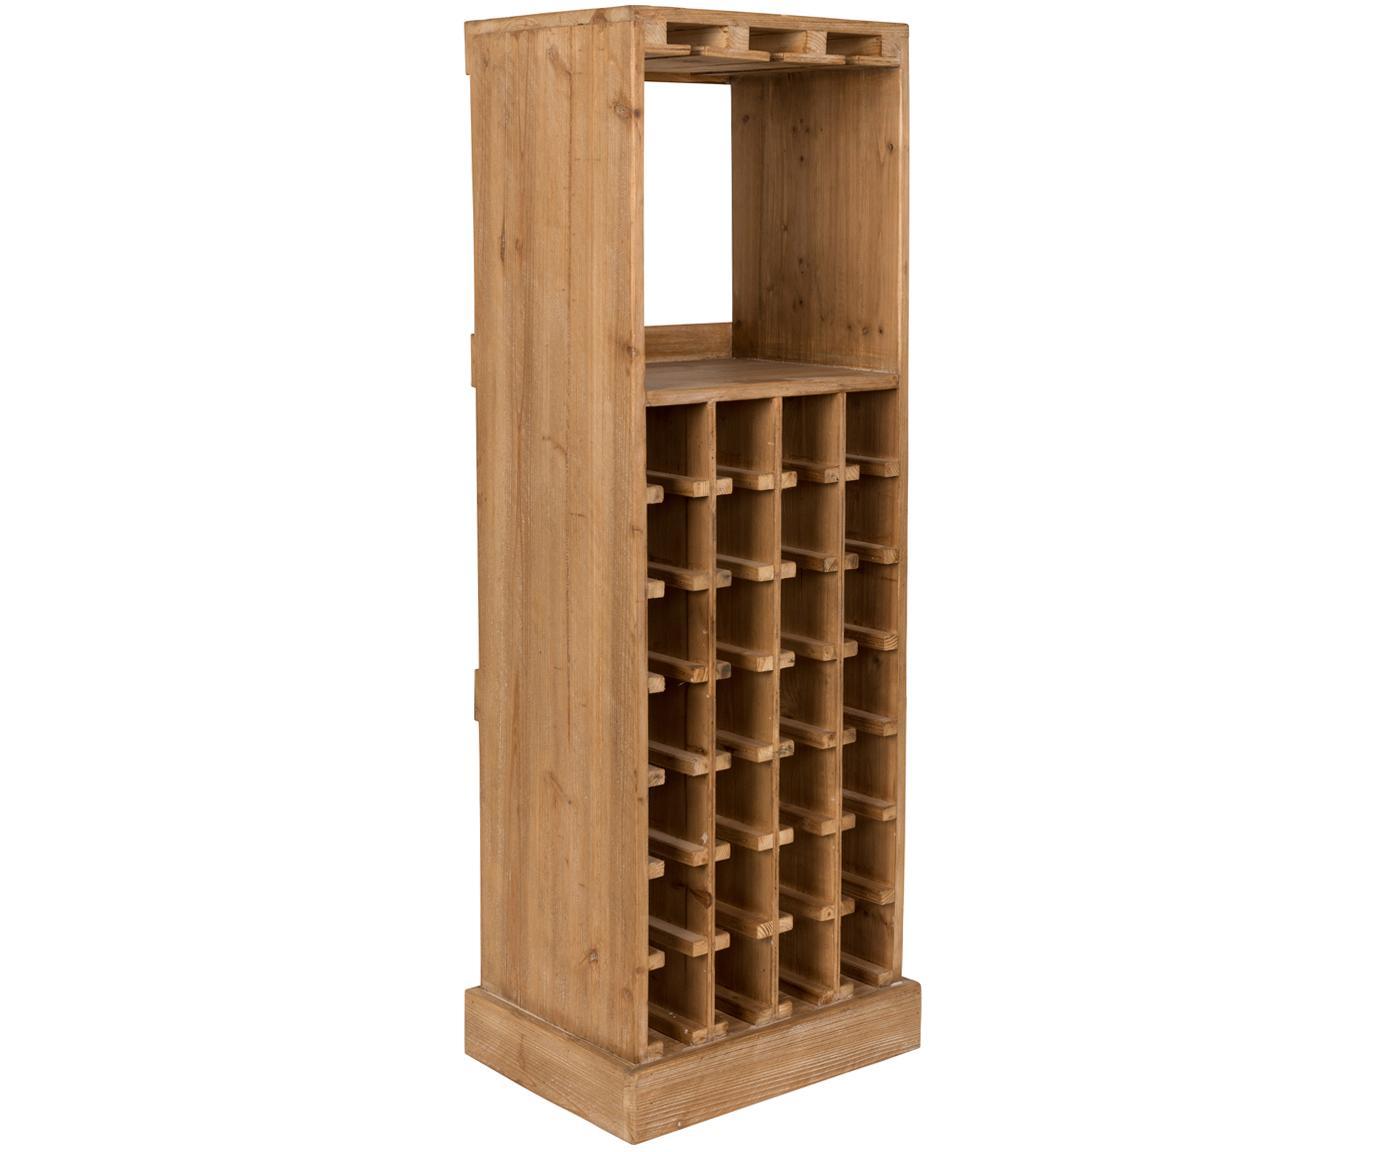 Weinregal Claude in Eiche für 28 Flaschen, Eichenholz, 44 x 119 cm